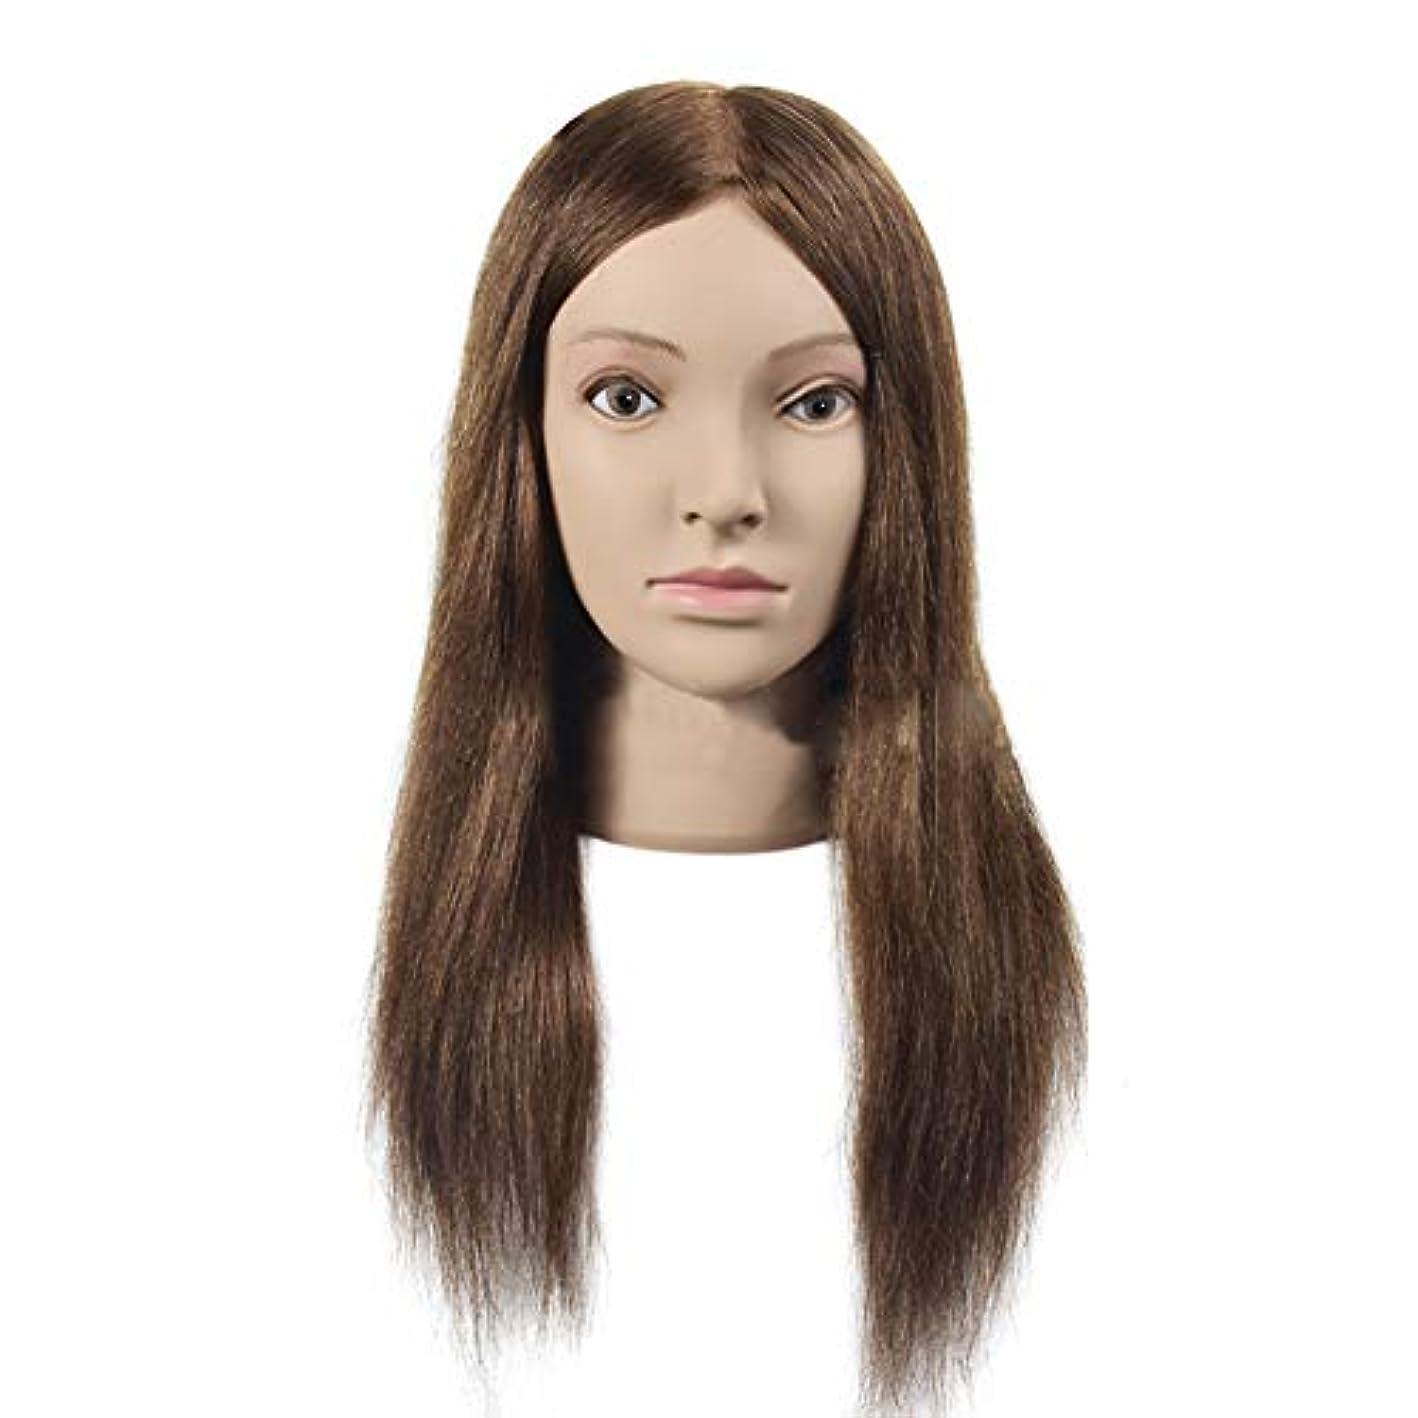 ほんの異邦人安定しました専門の練習ホット染色漂白はさみモデリングマネキン髪編組髪かつら女性モデルティーチングヘッド